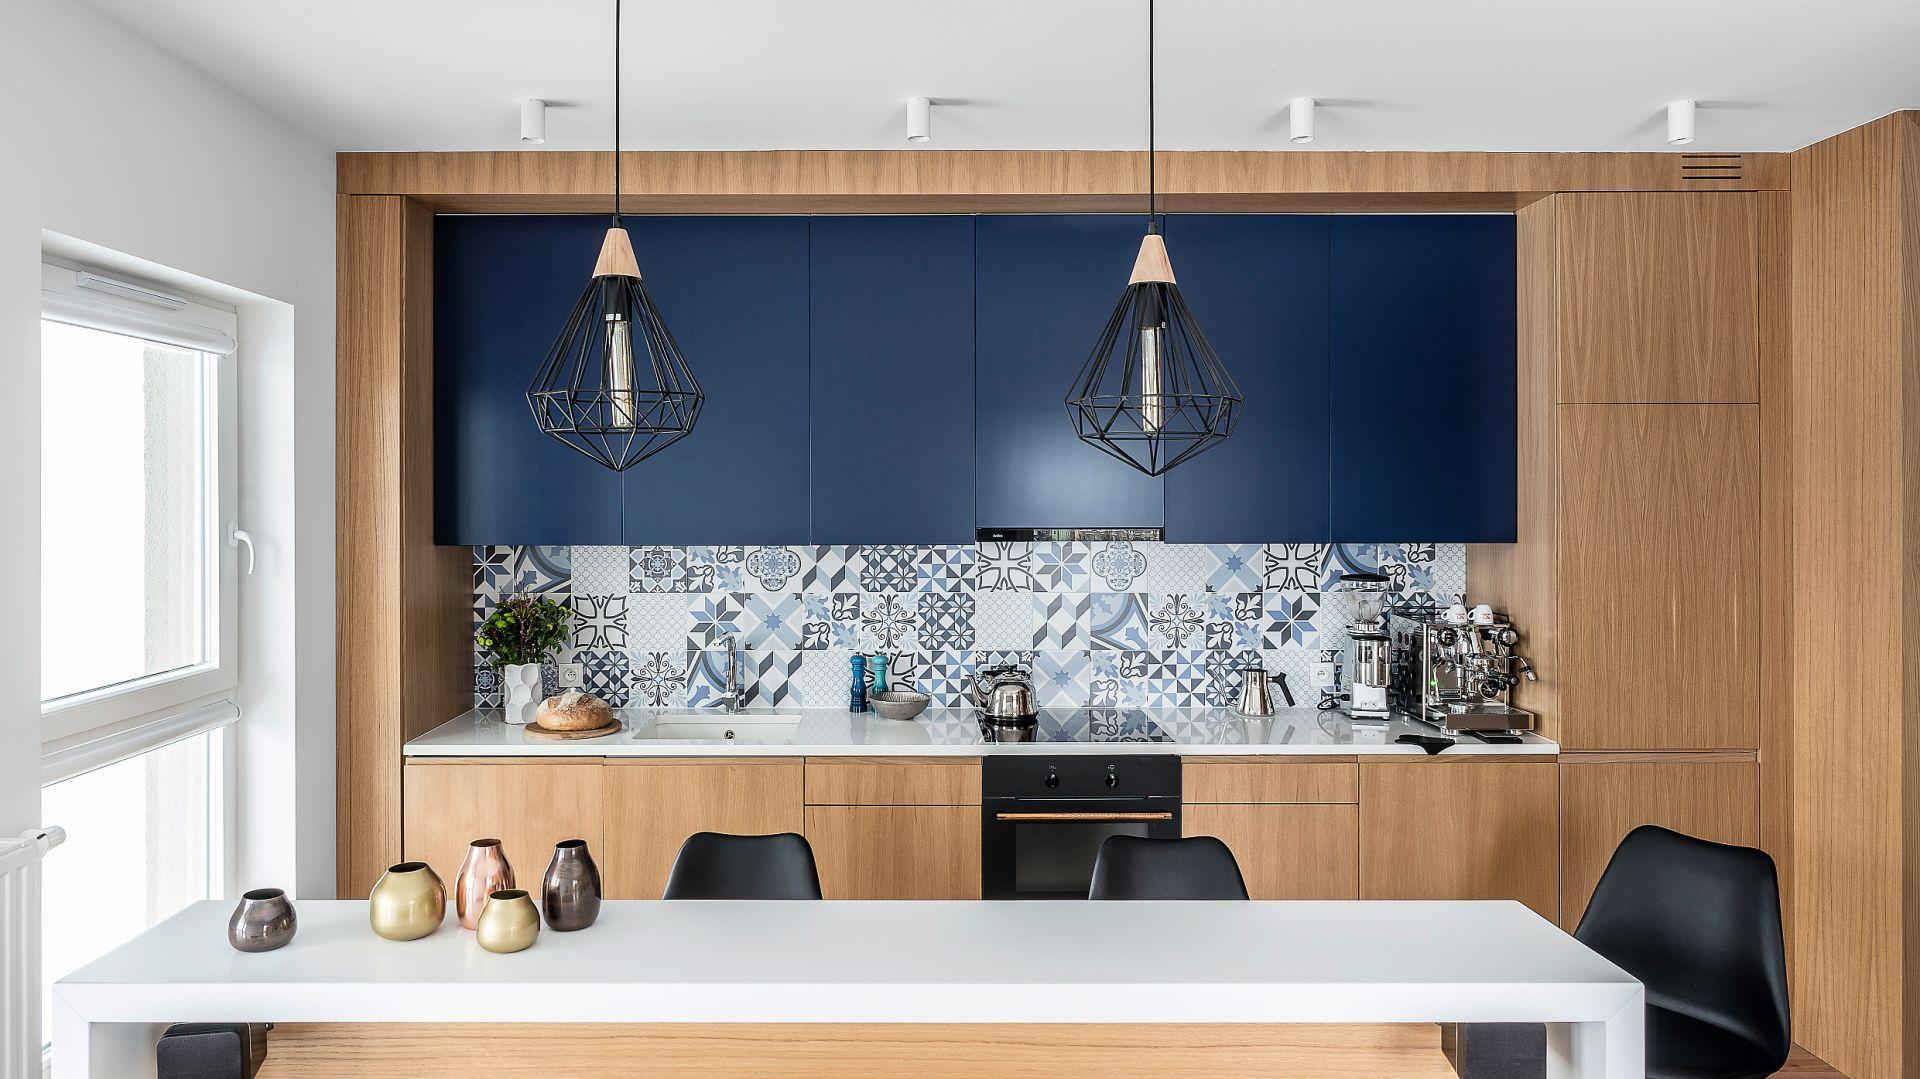 Kuchnia jest bardzo ergonomiczna i funkcjonalna. Znalazły się w niej wszystkie sprzęty niezbędne do domowego kucharzenia: piekarnik, płyta kuchenna i okap.